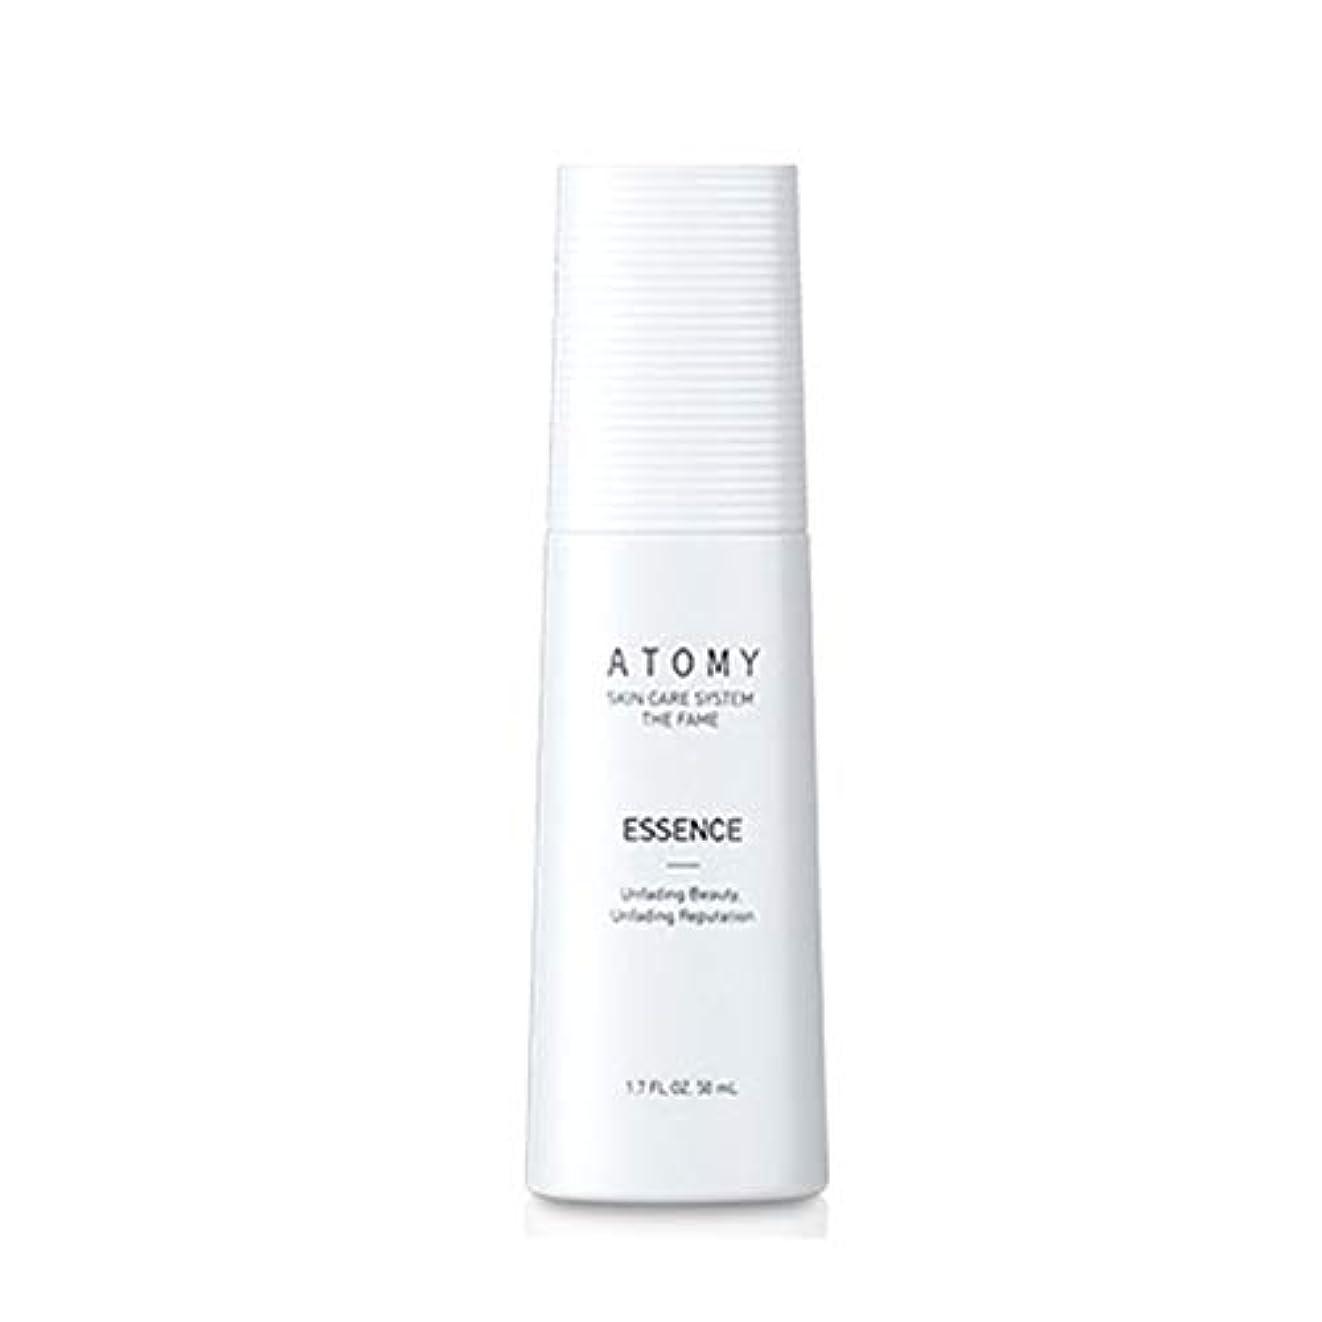 申請中いとこワーディアンケースアトミザ?フェームエッセンス50ml韓国コスメ、Atomy The Fame Essence 50ml Korean Cosmetics [並行輸入品]